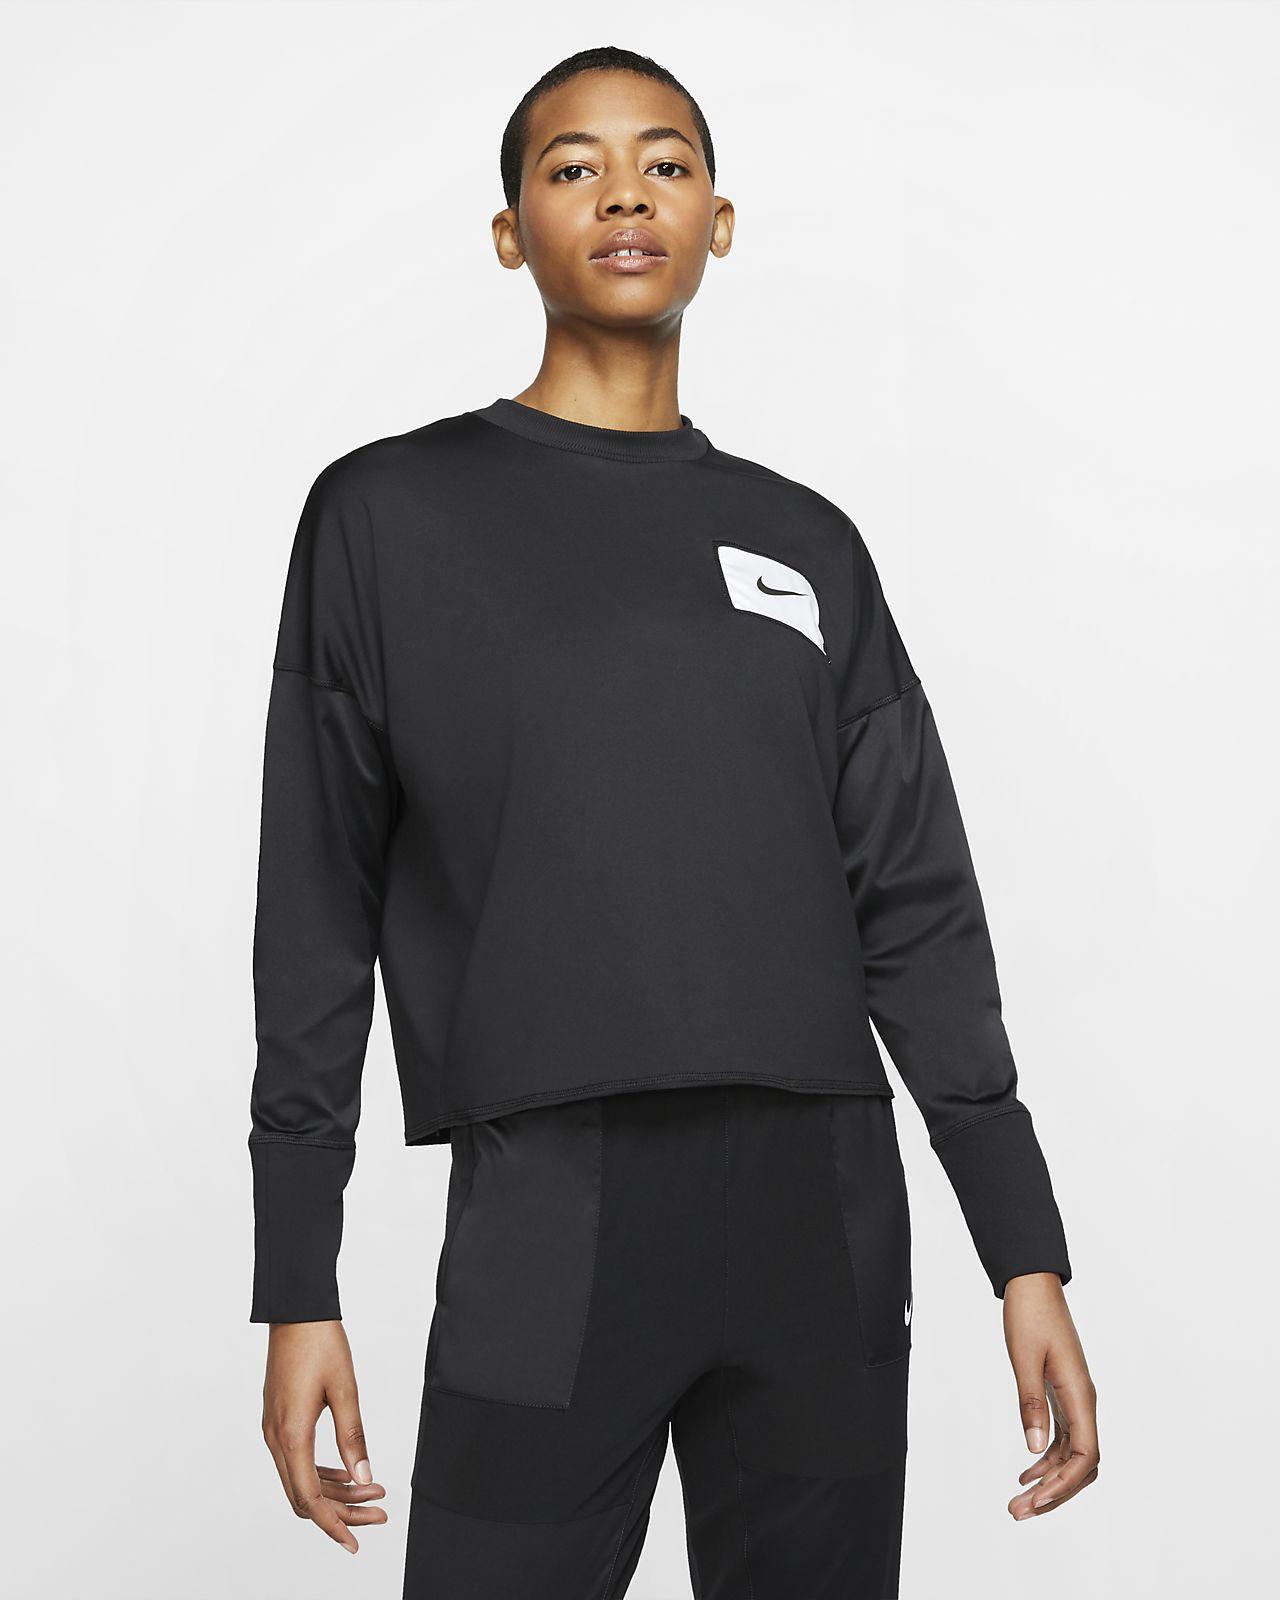 Nike Women's Midlayer Running Crew